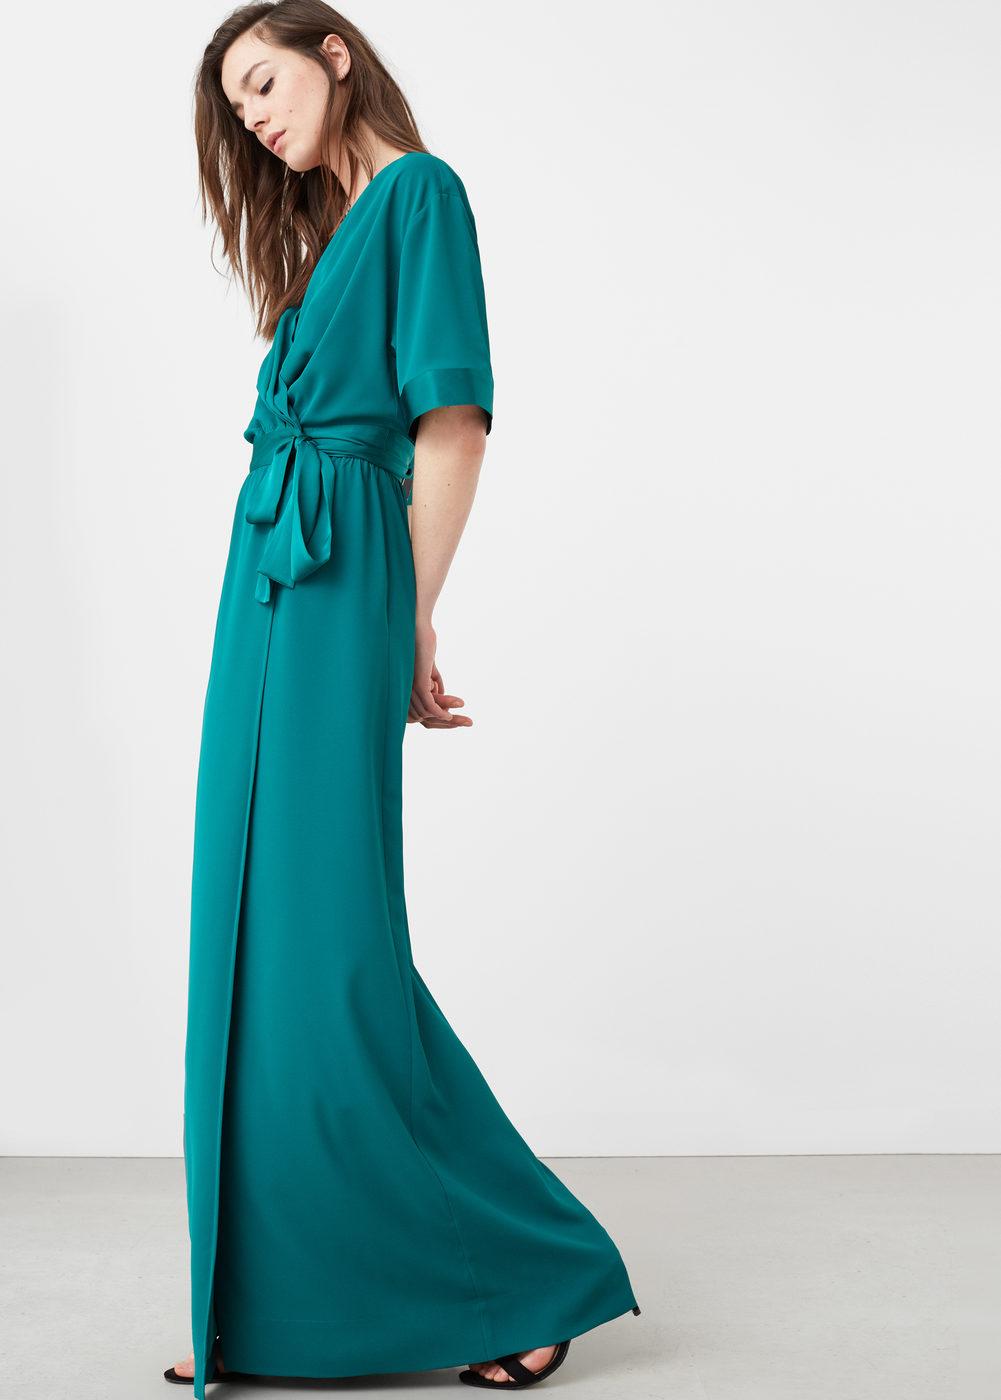 Belle robe classe